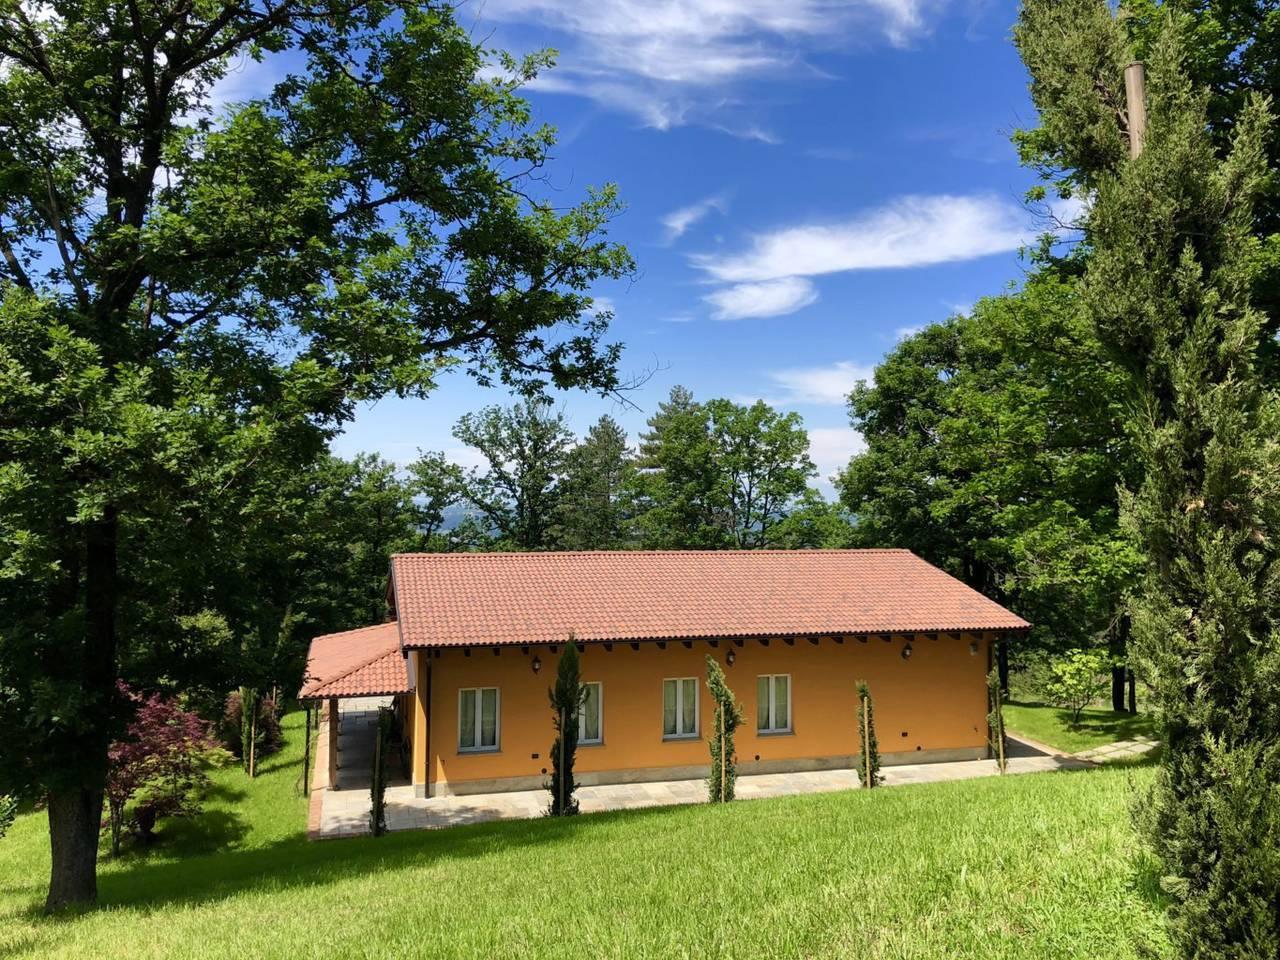 Villa-con-parco-in-vendita-a-Ovada-32